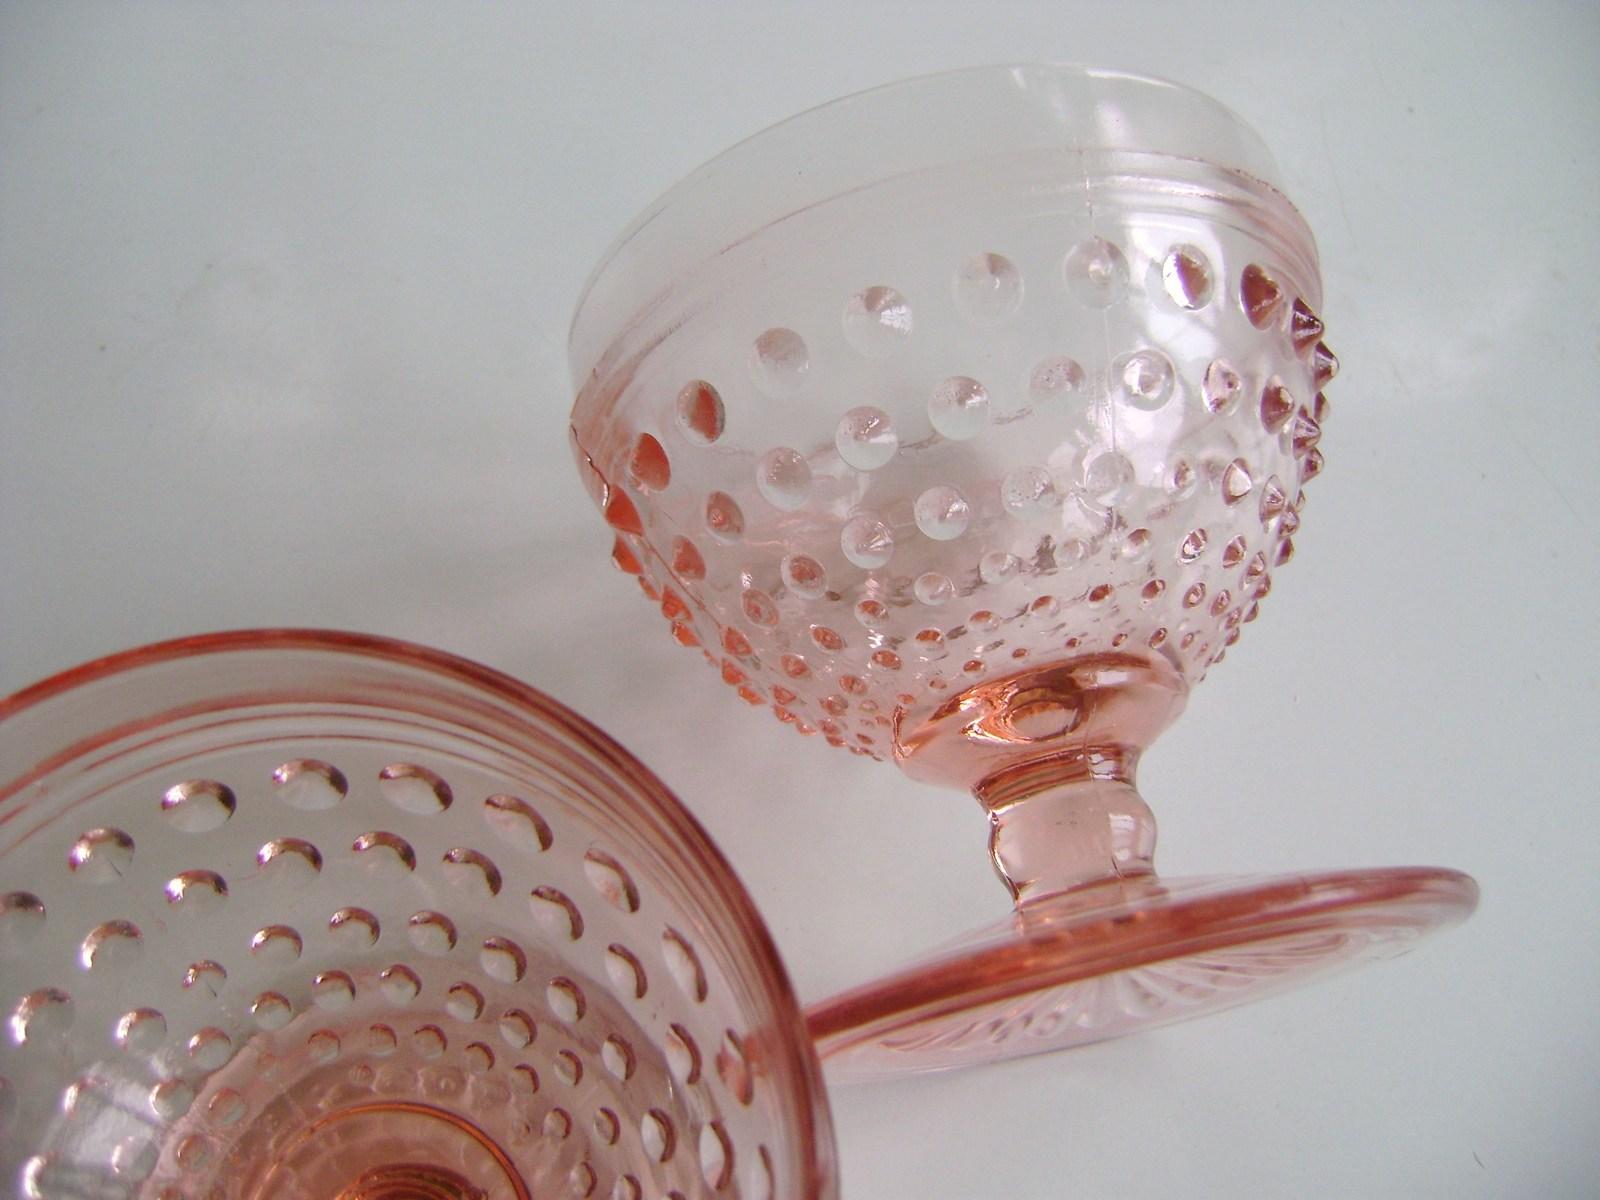 Anchor Hocking Pink Hobnail Sherbet Glasses - $22.00